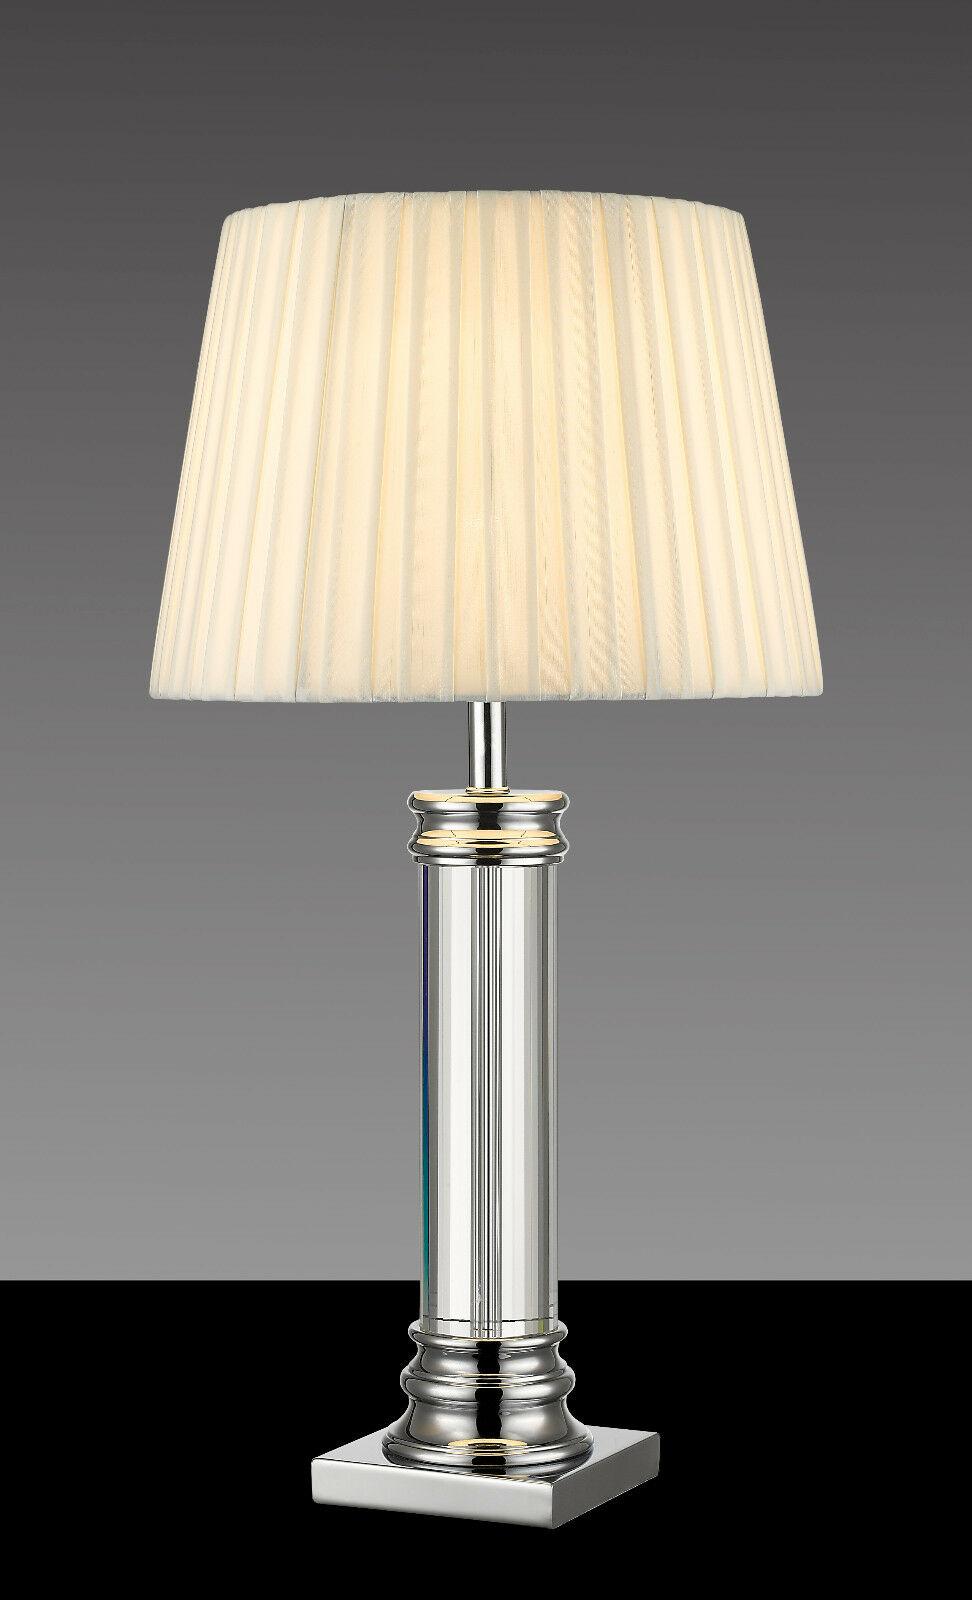 Full Size of Xxl Tiwohnzimmer K9 Kristallglas Fu Kommoden Leuchte Wohnzimmer Dekoration Stehlampe Deckenlampe Deckenstrahler Fototapete Teppich Lampen Led Deckenleuchte Wohnzimmer Wohnzimmer Tischlampe